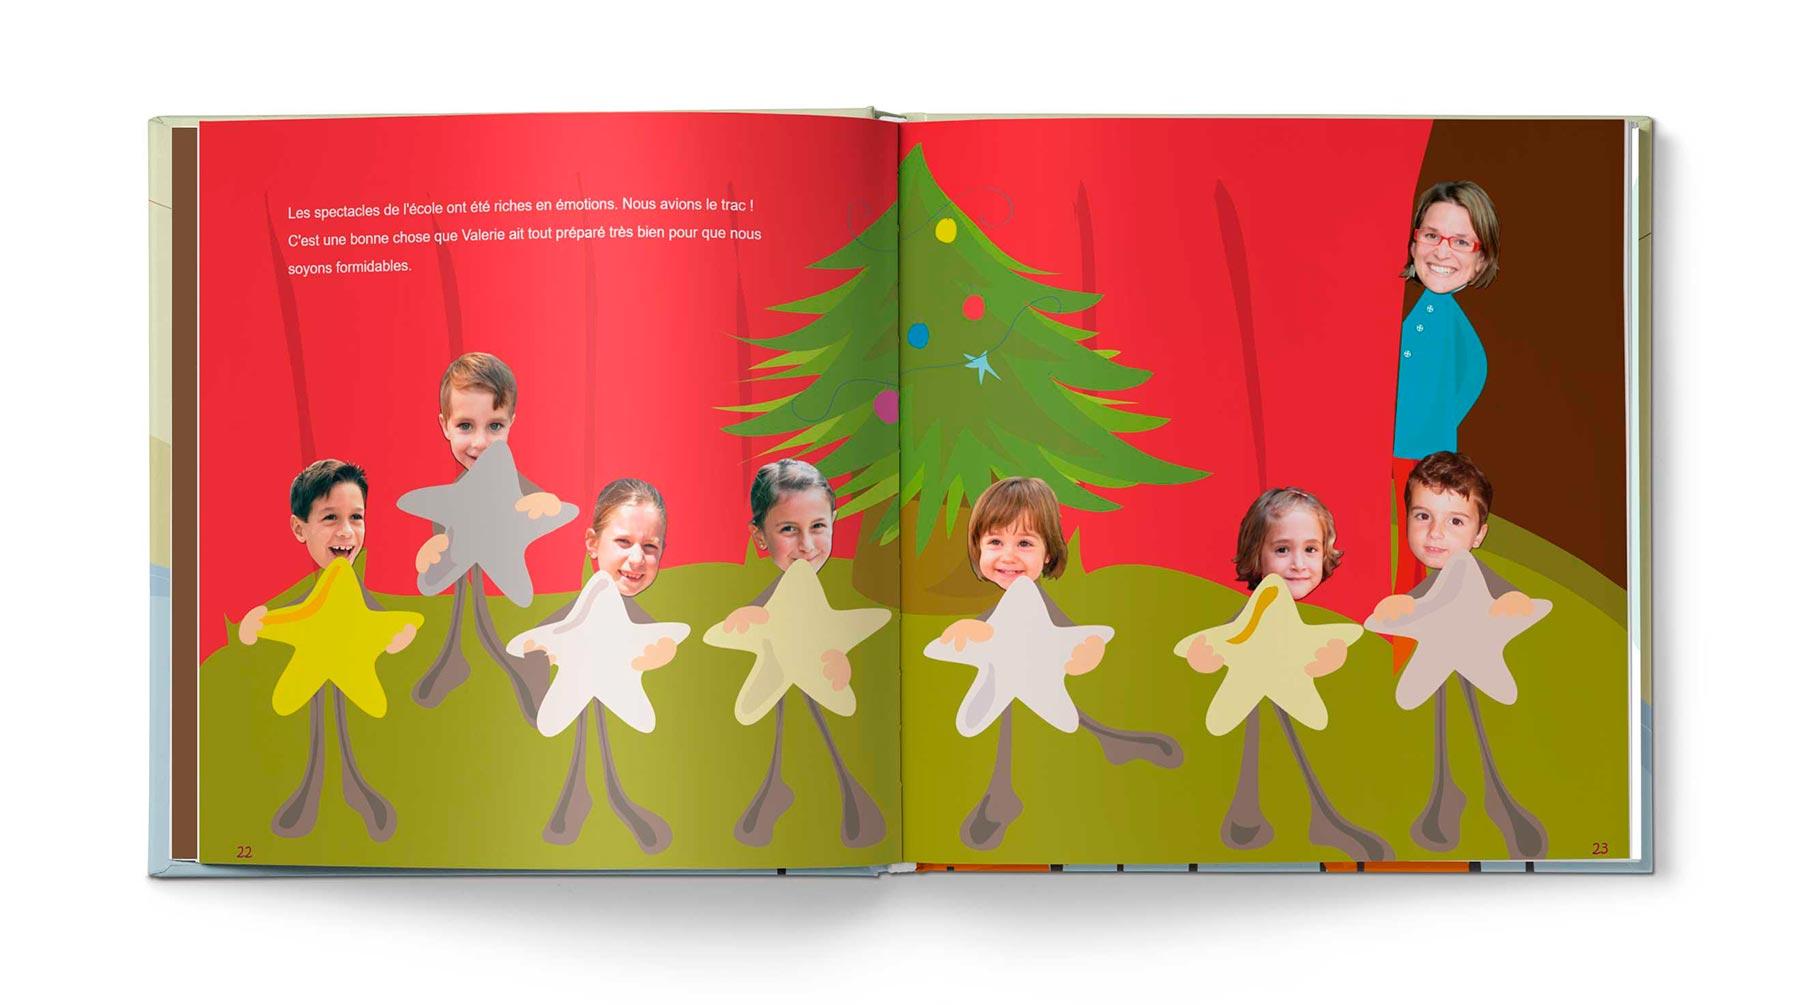 Histoire Le livre d'école - Image 11